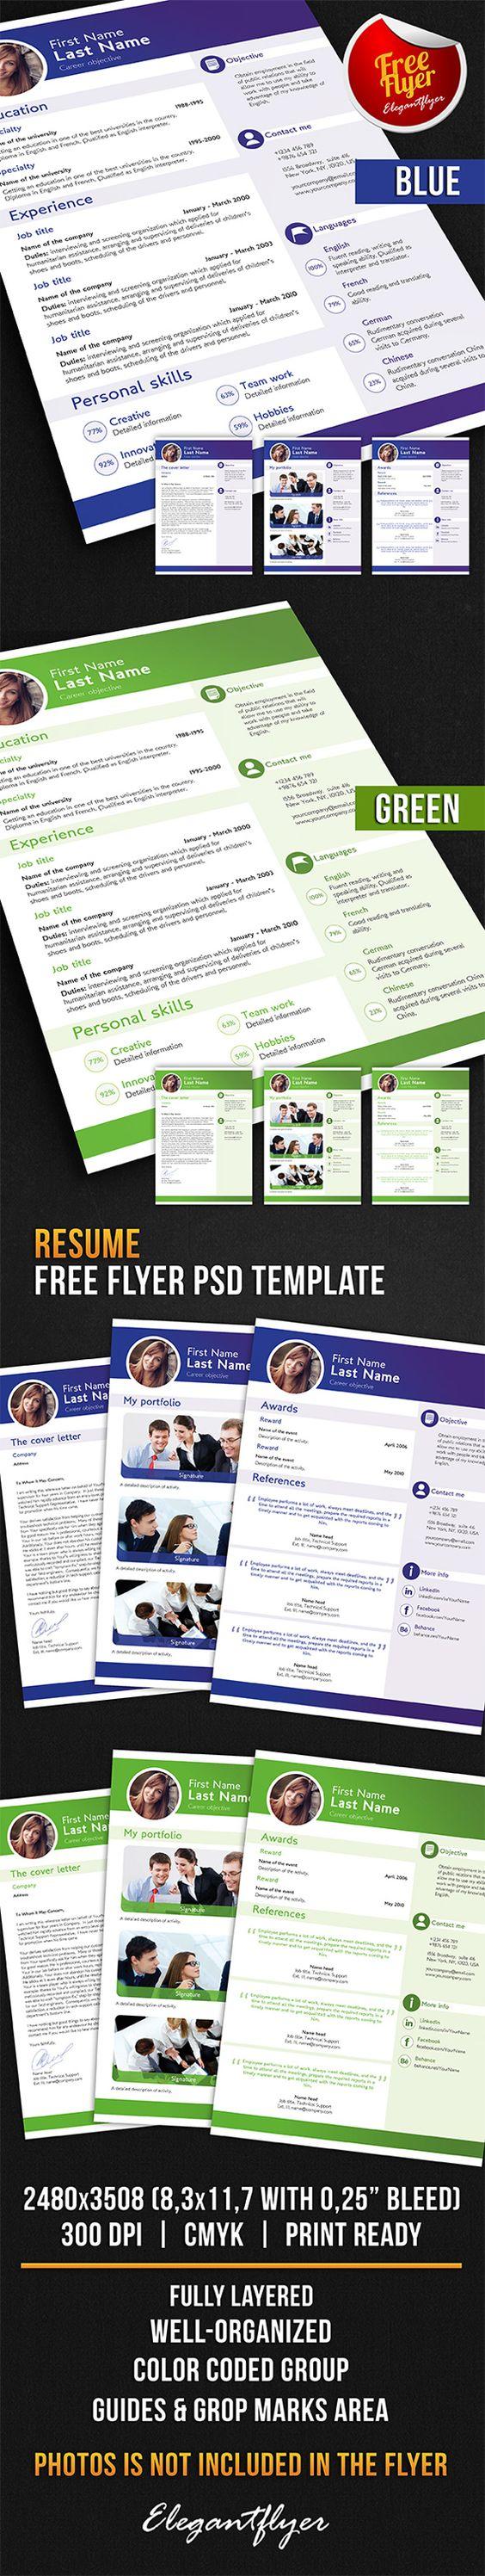 resume cv psd template elegantflyer com resume cv psd template elegantflyer com